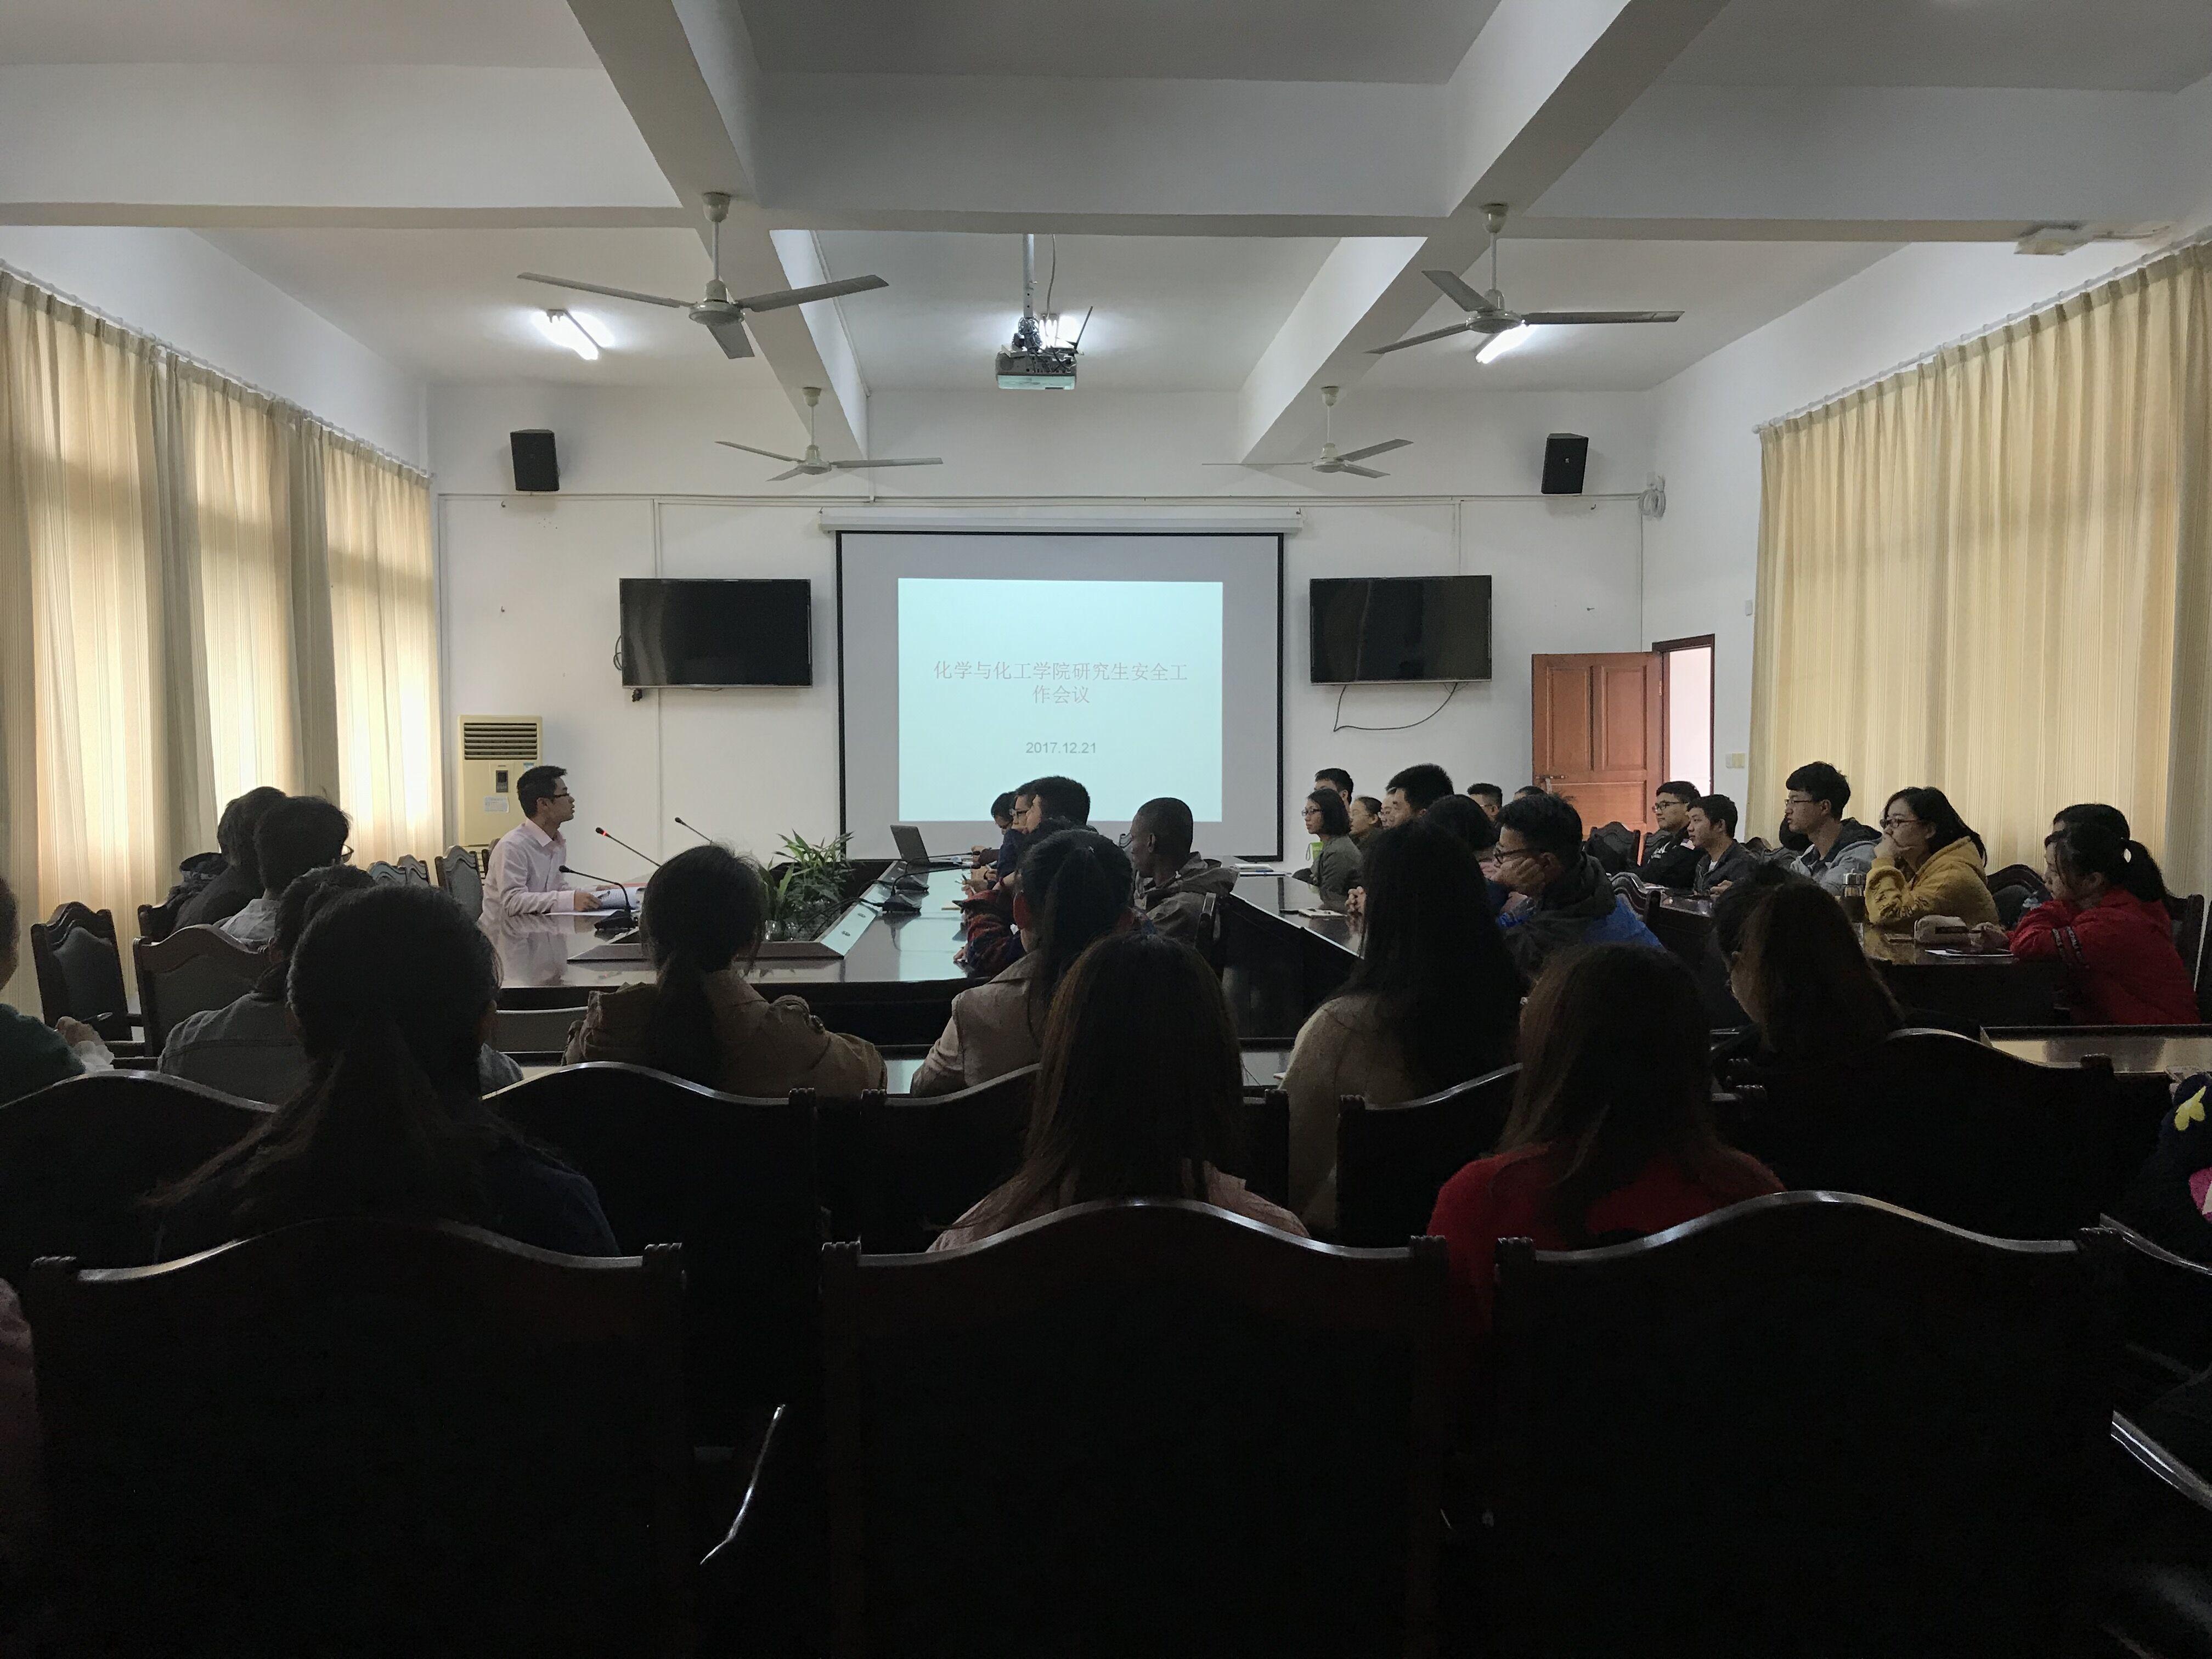 化学与化工学院研究生安全工作会议